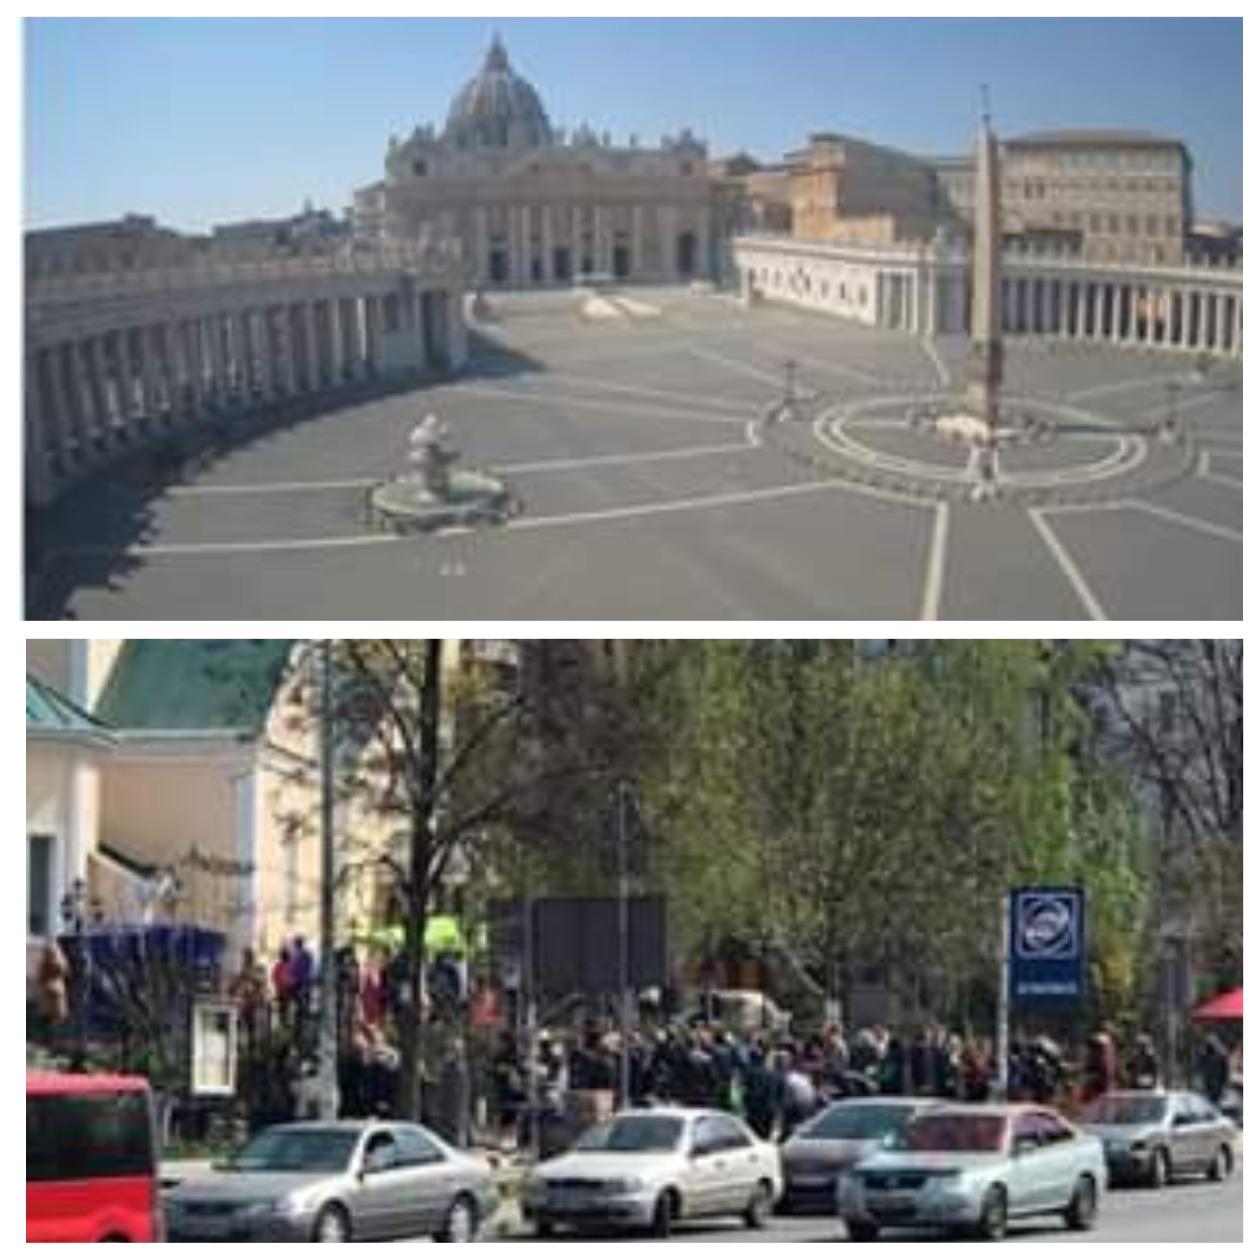 Площадь в Ватикане пустует, в спальном районе Одессы - аншлаг